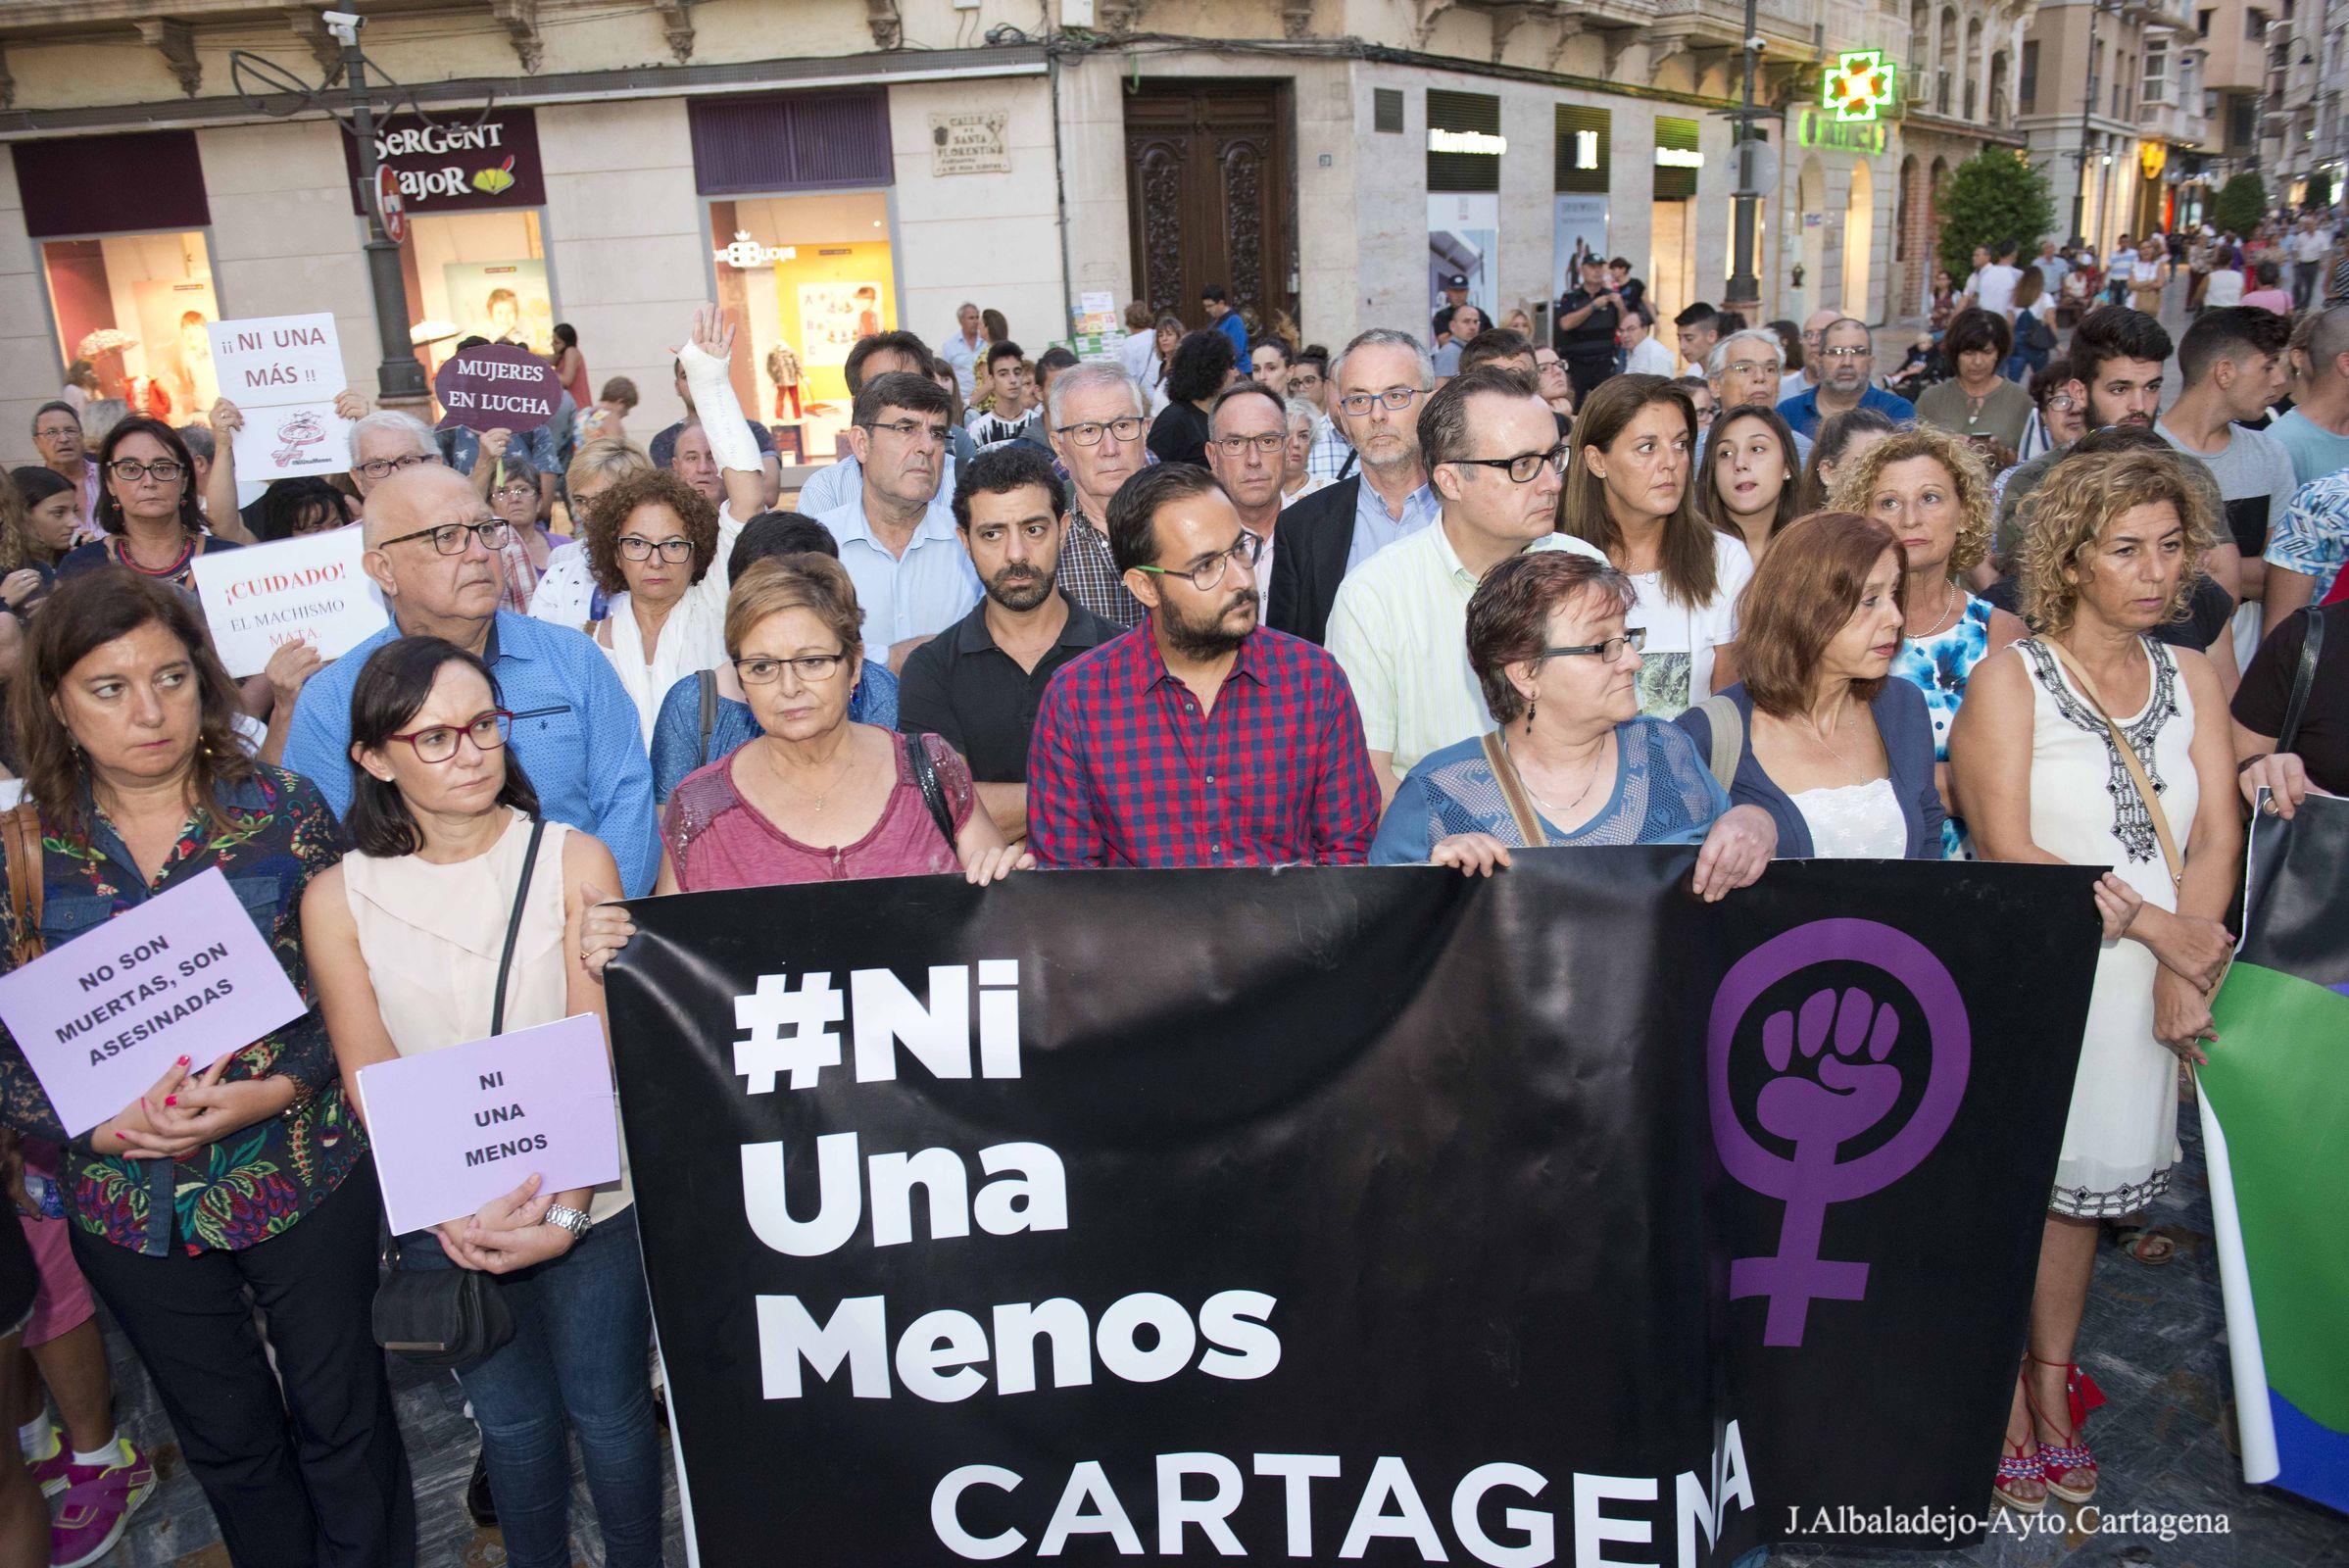 Concentración en la plaza del Icue contra la violencia de género por el asesinato de una mujer en canteras a manos de su ex pareja